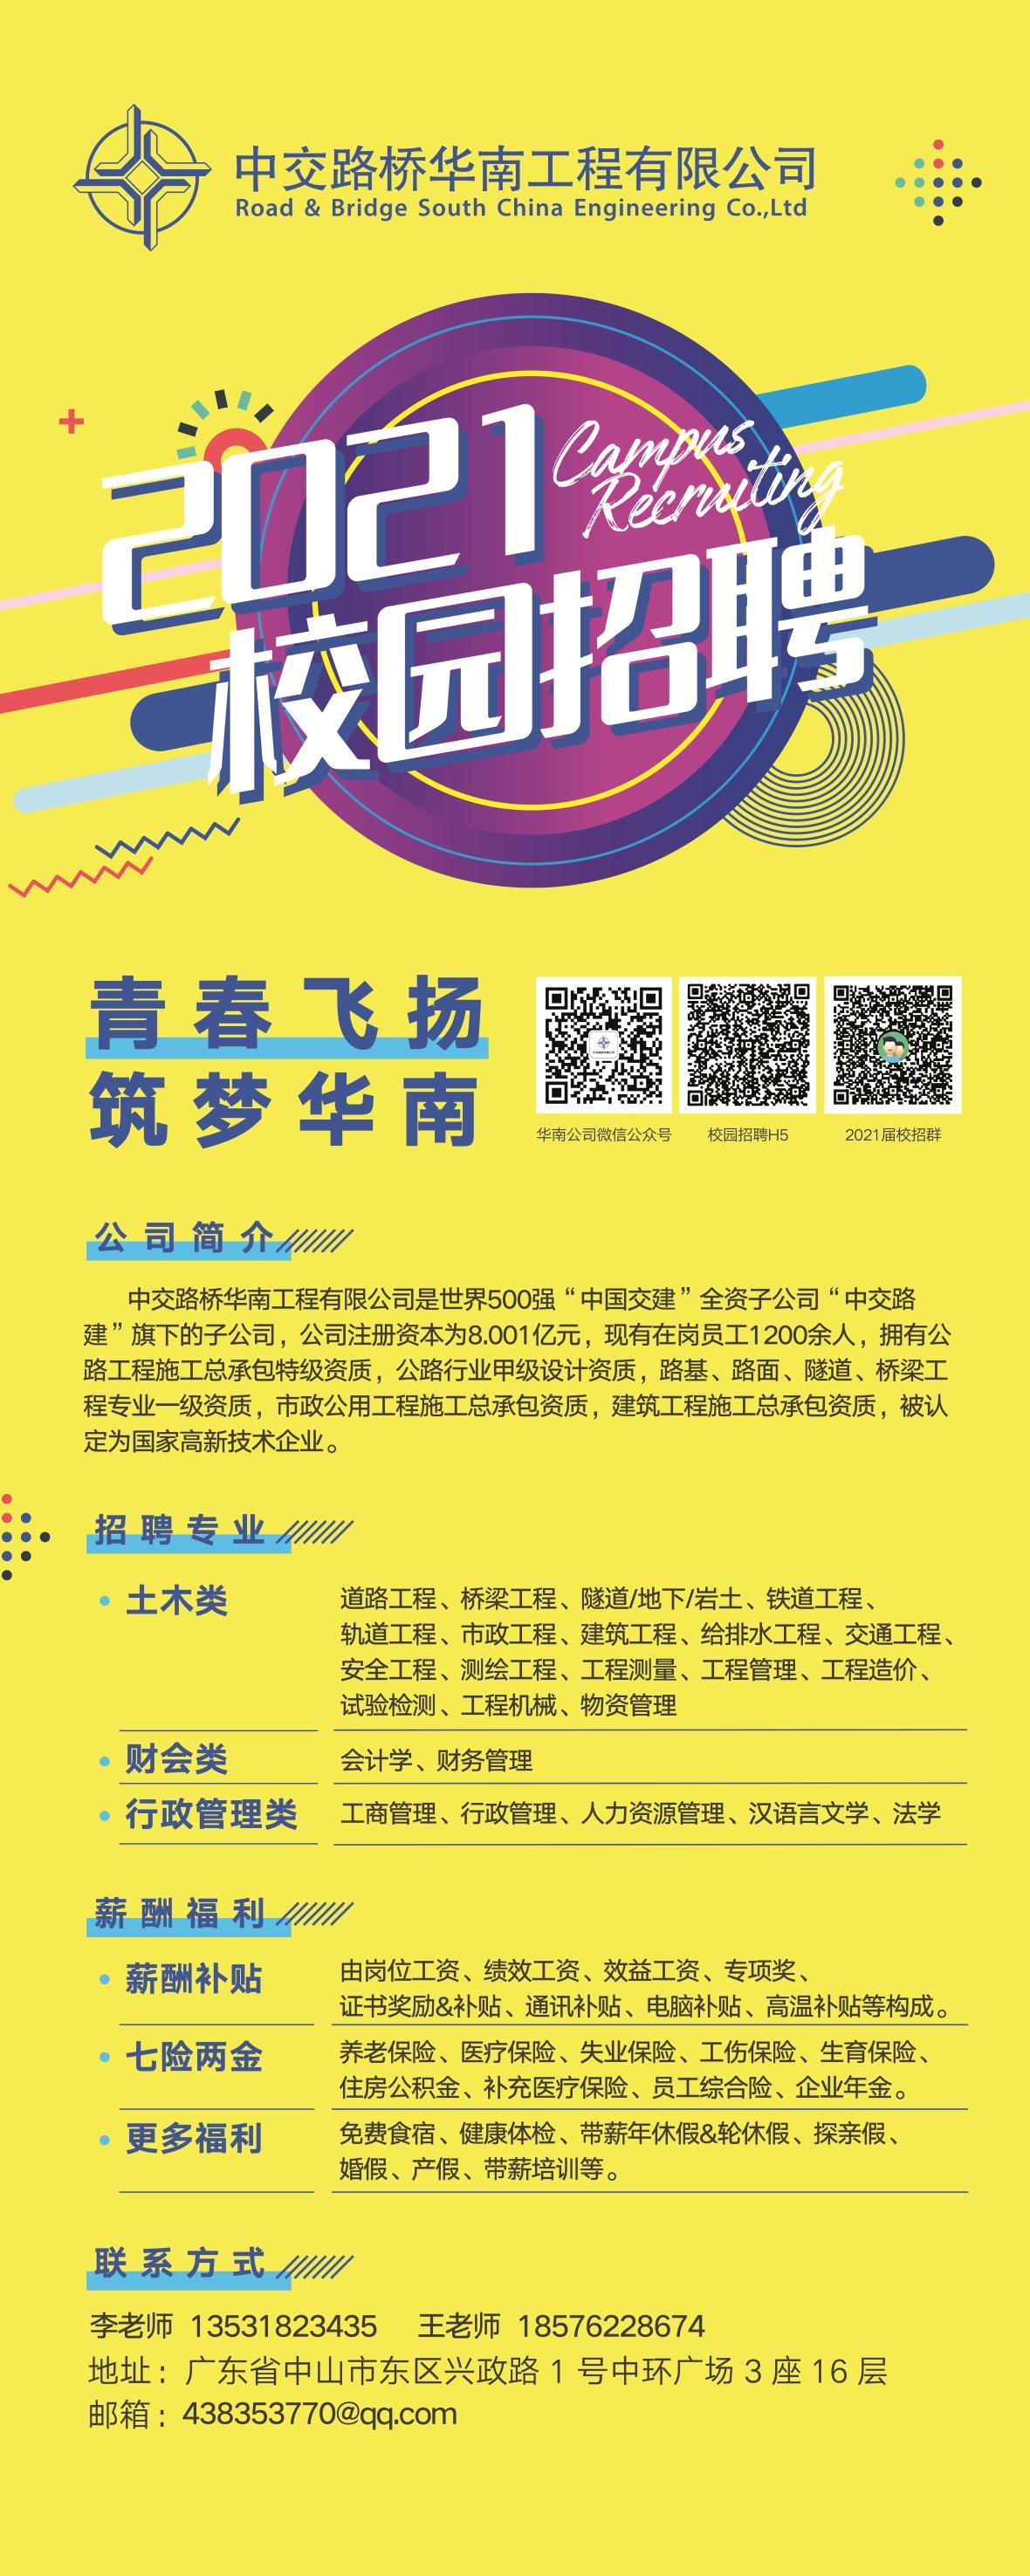 中交路桥华南工程有限公司宣讲会